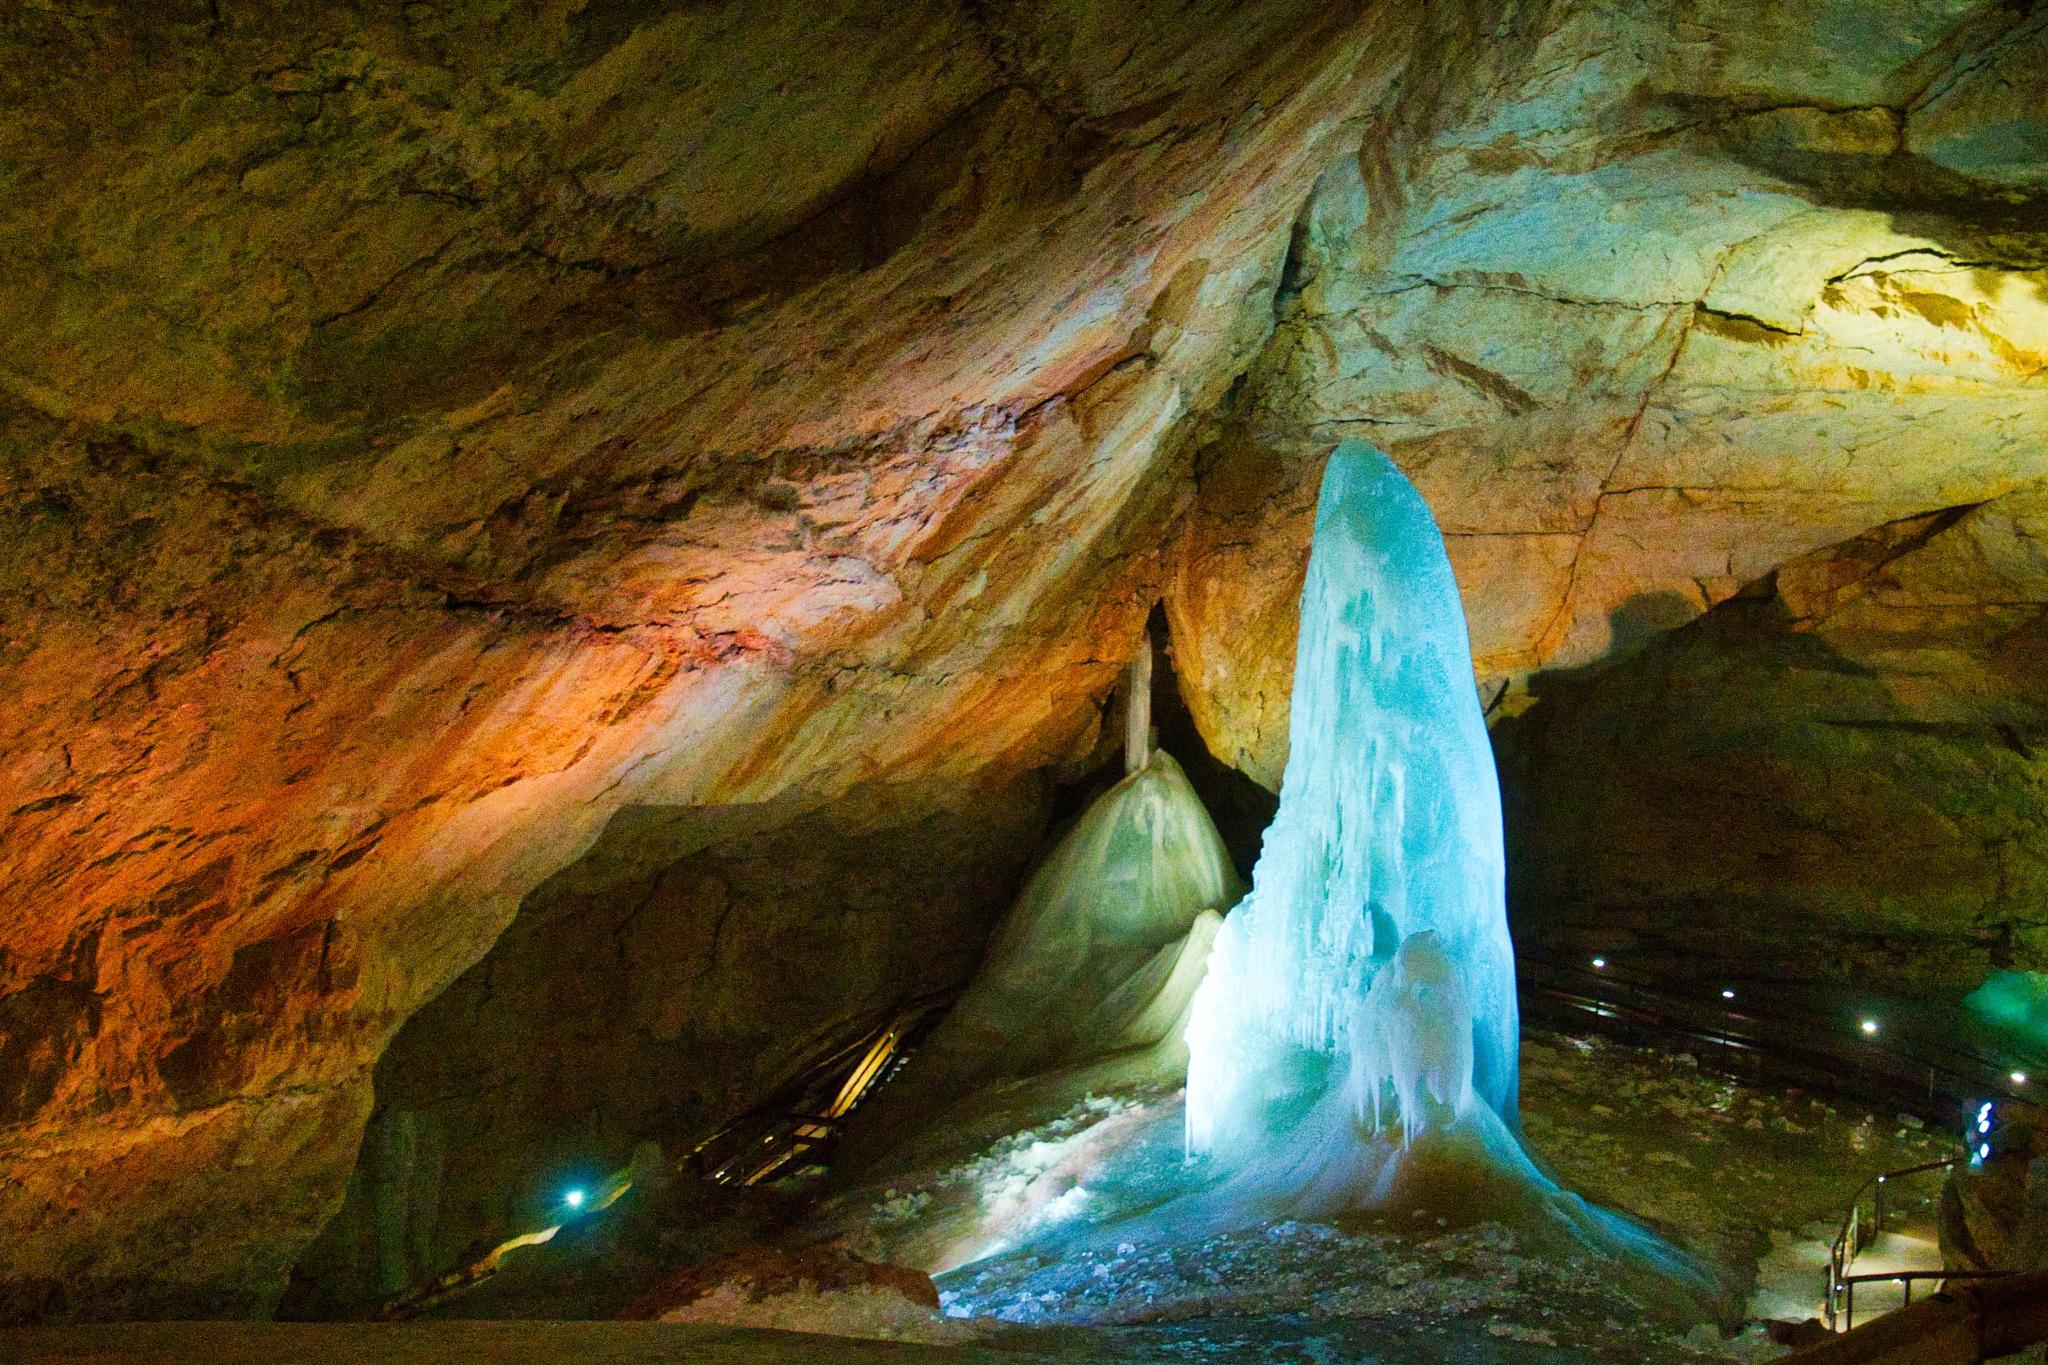 Ice cave 5 by Adi Gli